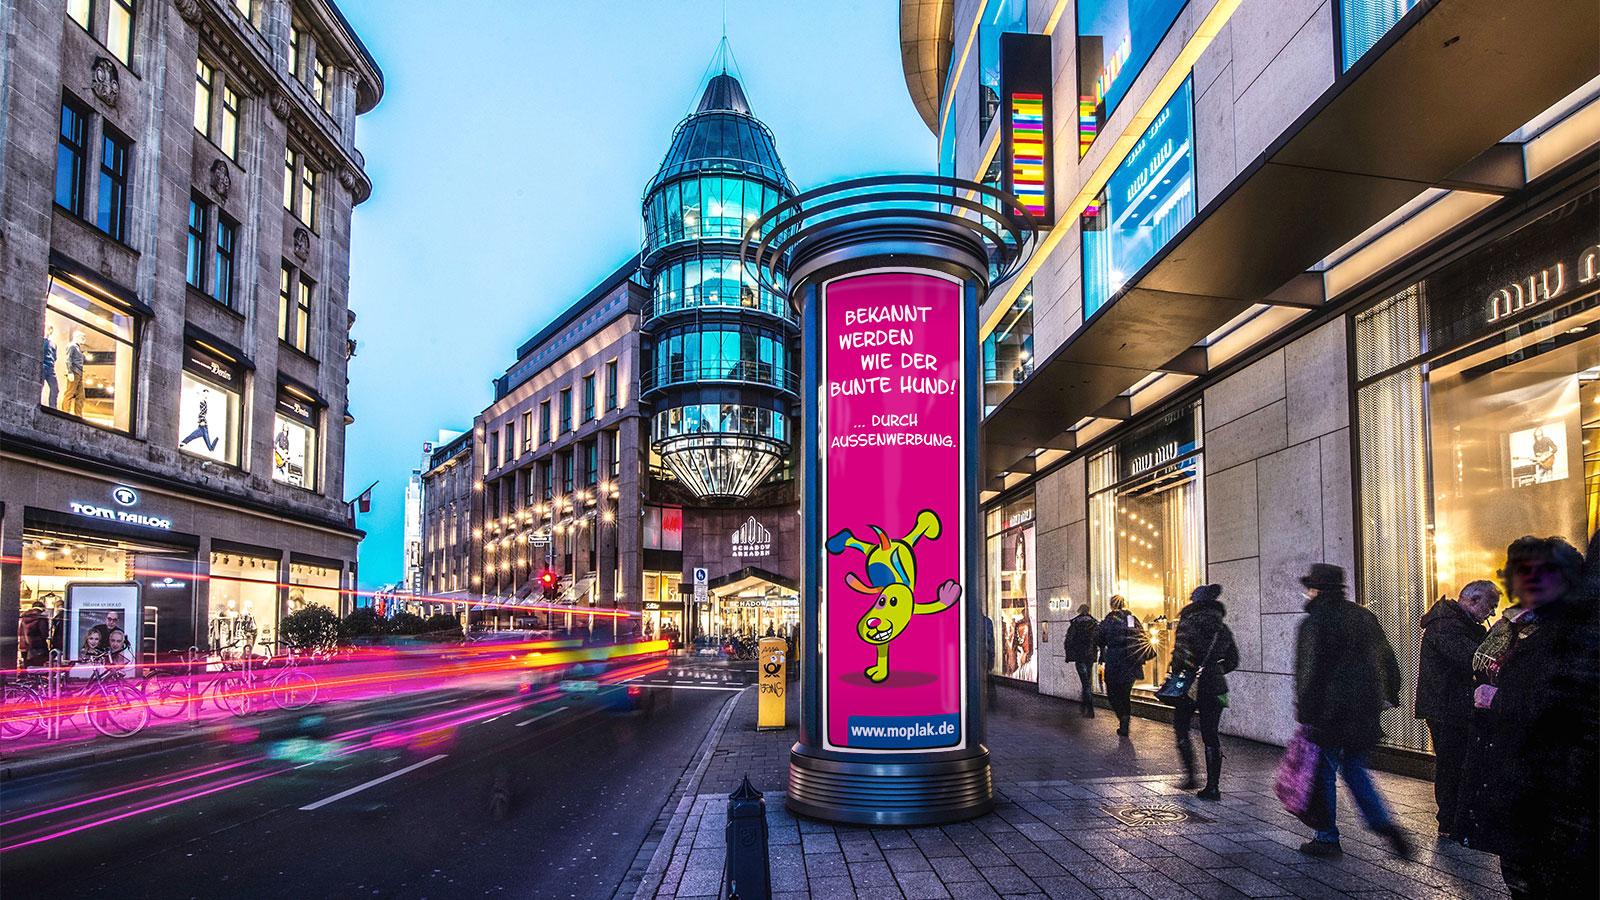 Bottrop-Aussenwerbung-Litfasssaeule-Werbung